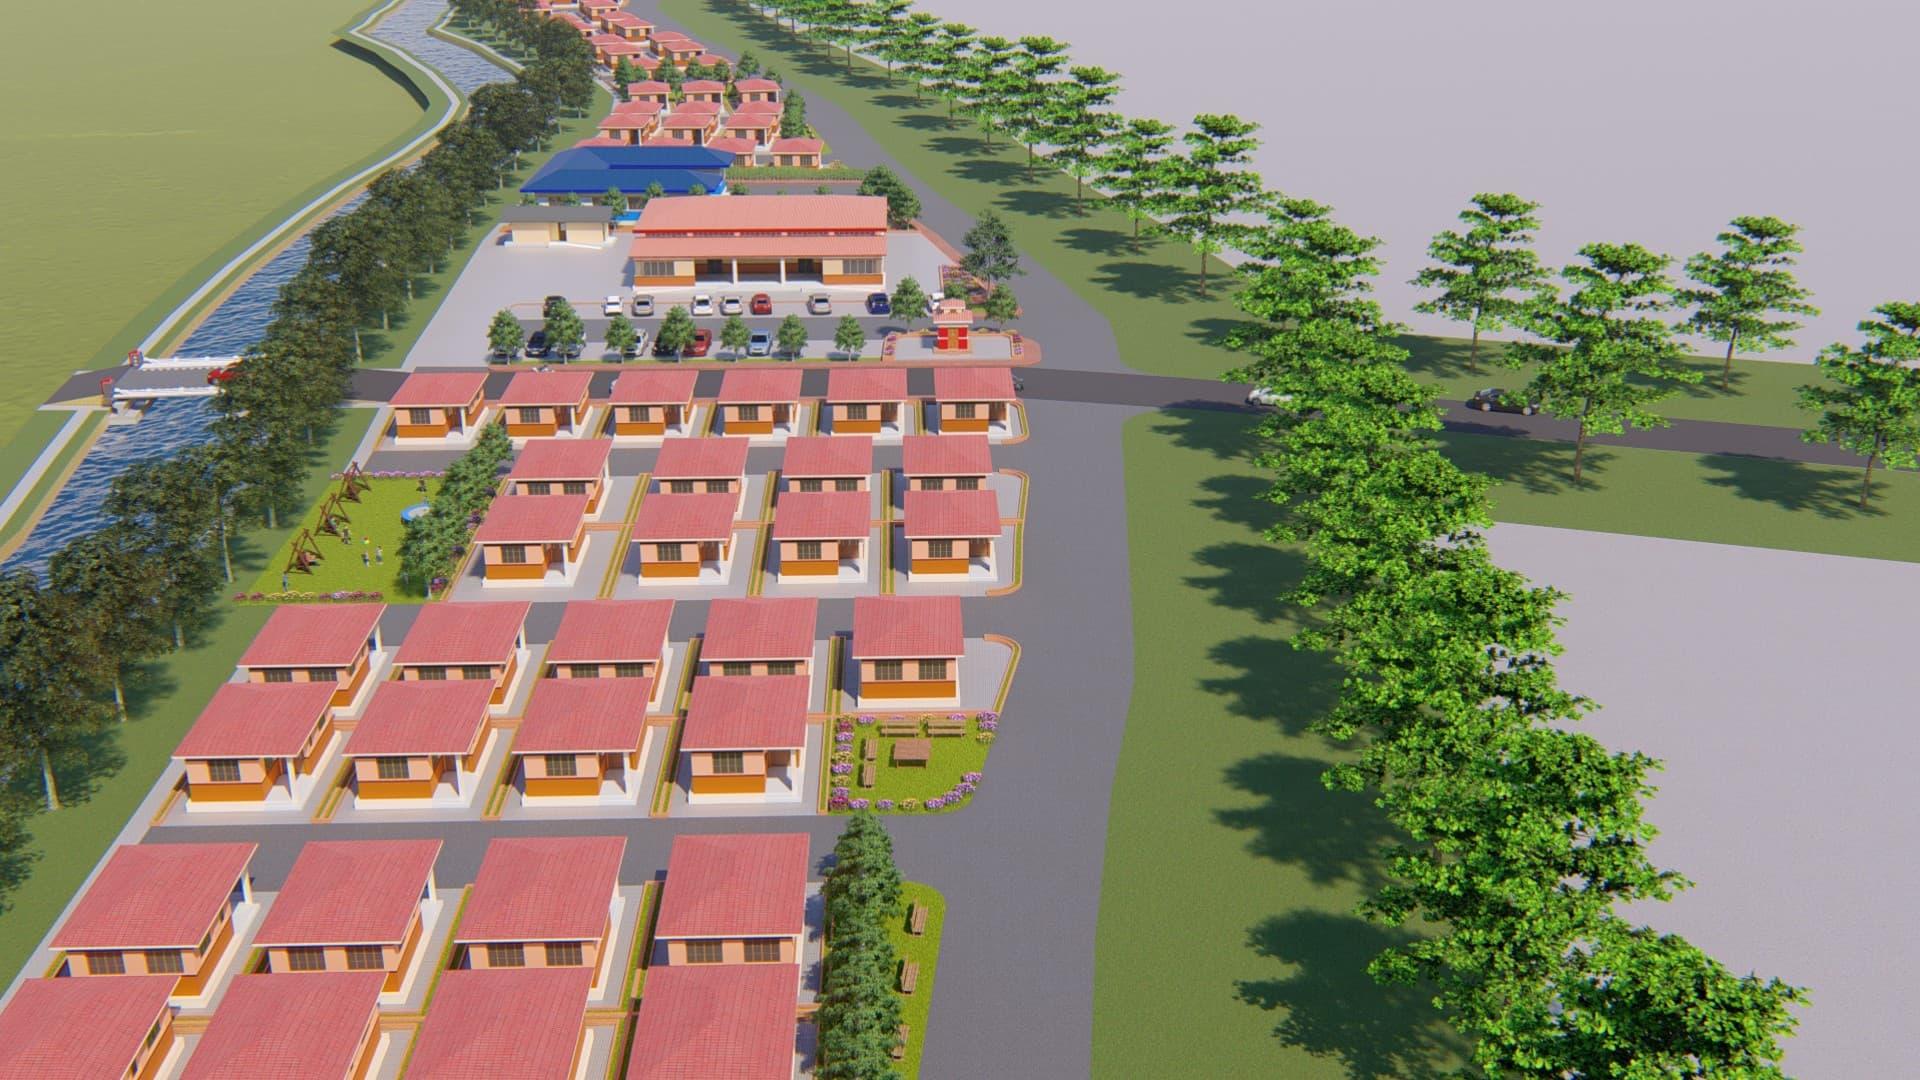 शहरी विकास मन्त्रालयले उर्लबारीमा बनाउदै एकीकृत सन्थाल वस्ती, प्रधानमन्त्रीले शिलान्यास गर्ने